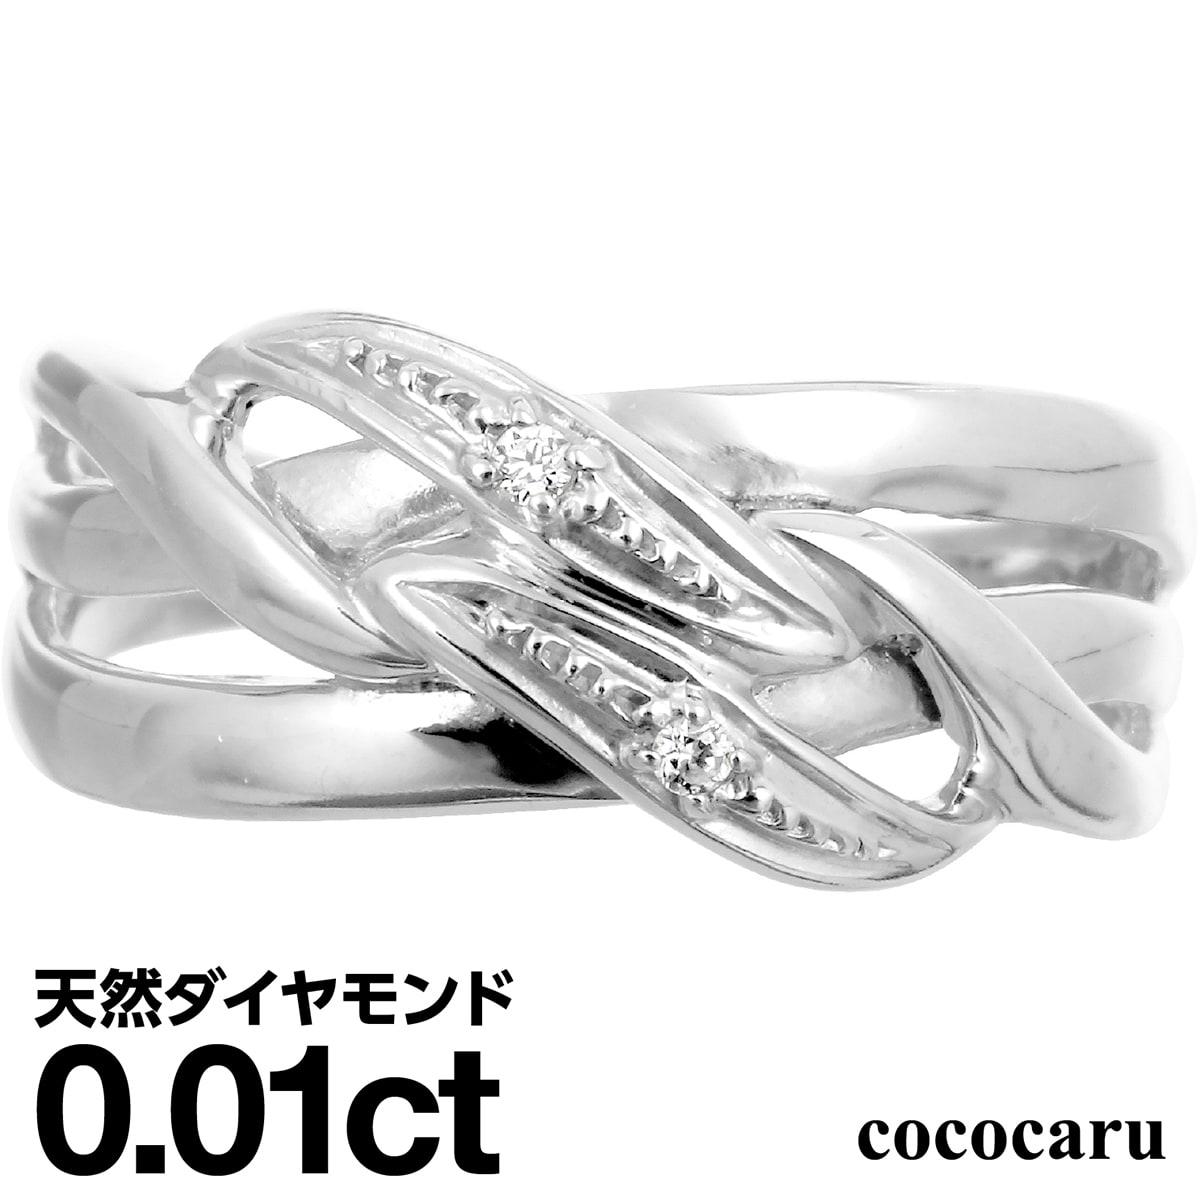 指輪 pt900 女性 20代 30代 40代 50代 60代 ダイヤモンドリング プラチナ900 ファッションリング 天然ダイヤ ダイヤモンド ギフト プレゼント 品質保証書 人気ブランド リング smtb-s ふるさと割 日本製 金属アレルギー ホワイトデー